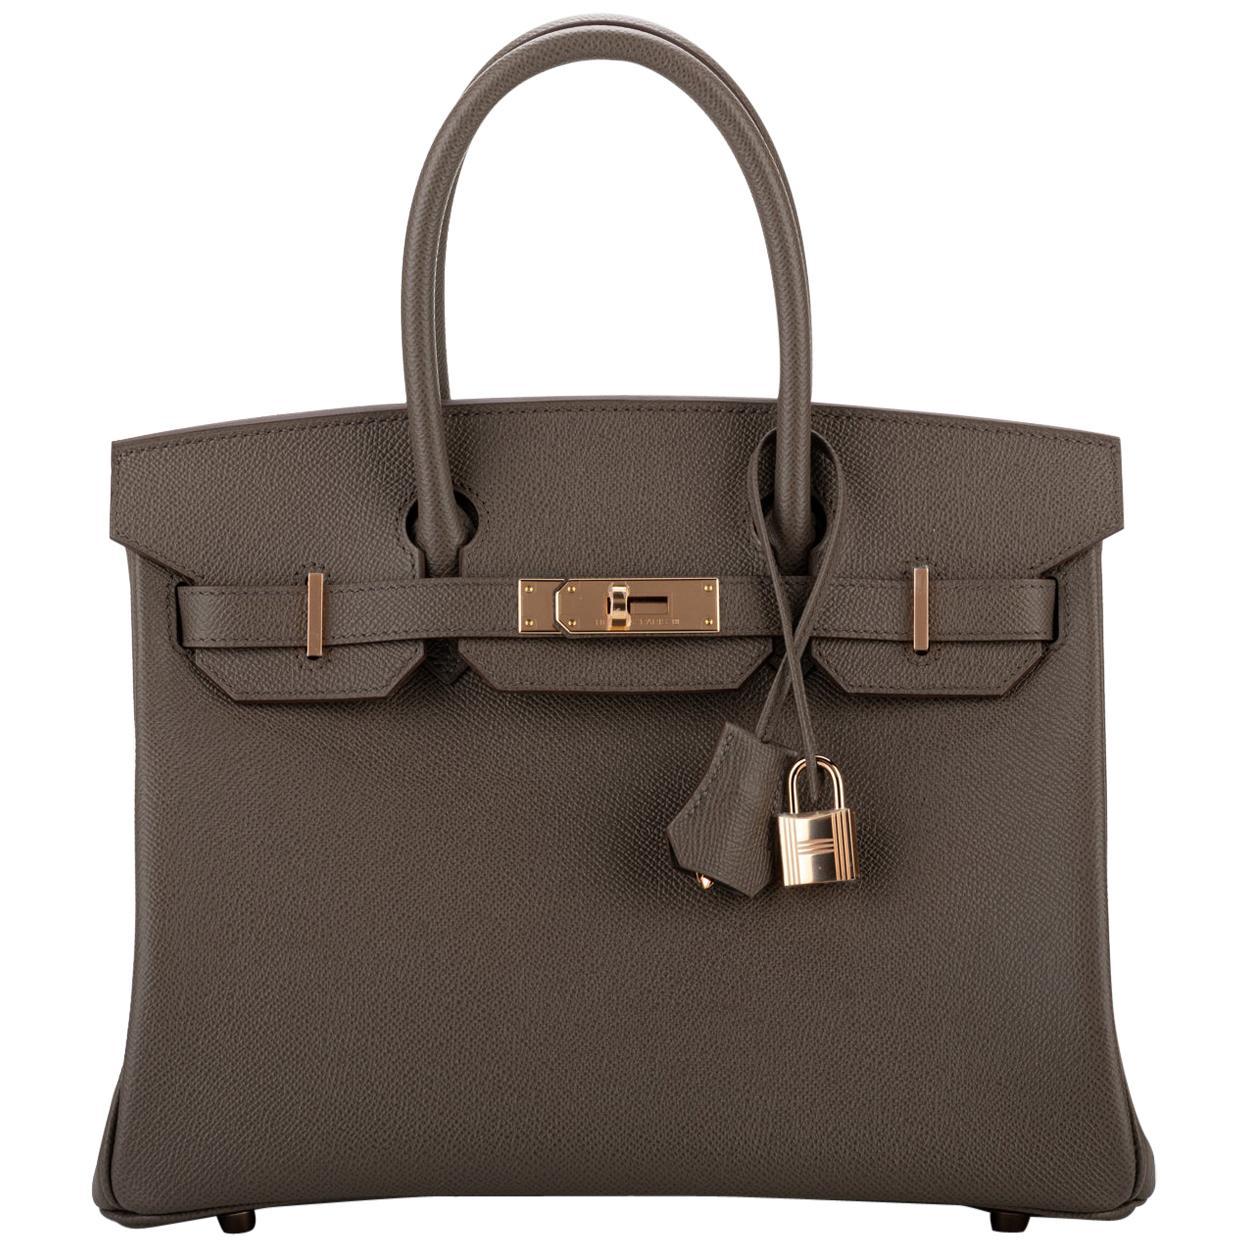 New in Box Hermes Birkin Etain Rose Gold Epsom Bag